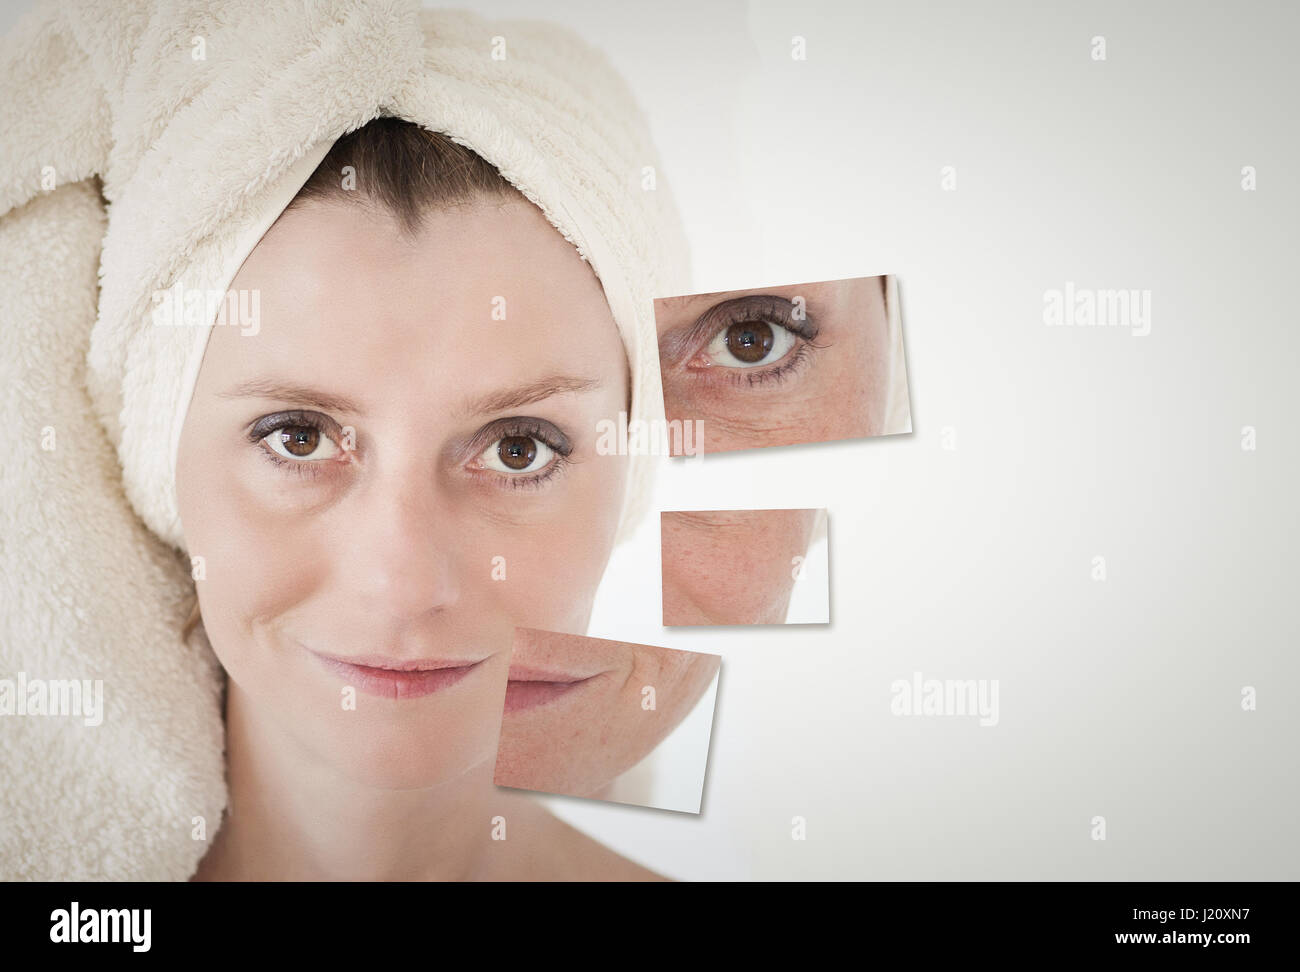 facial skin procedures